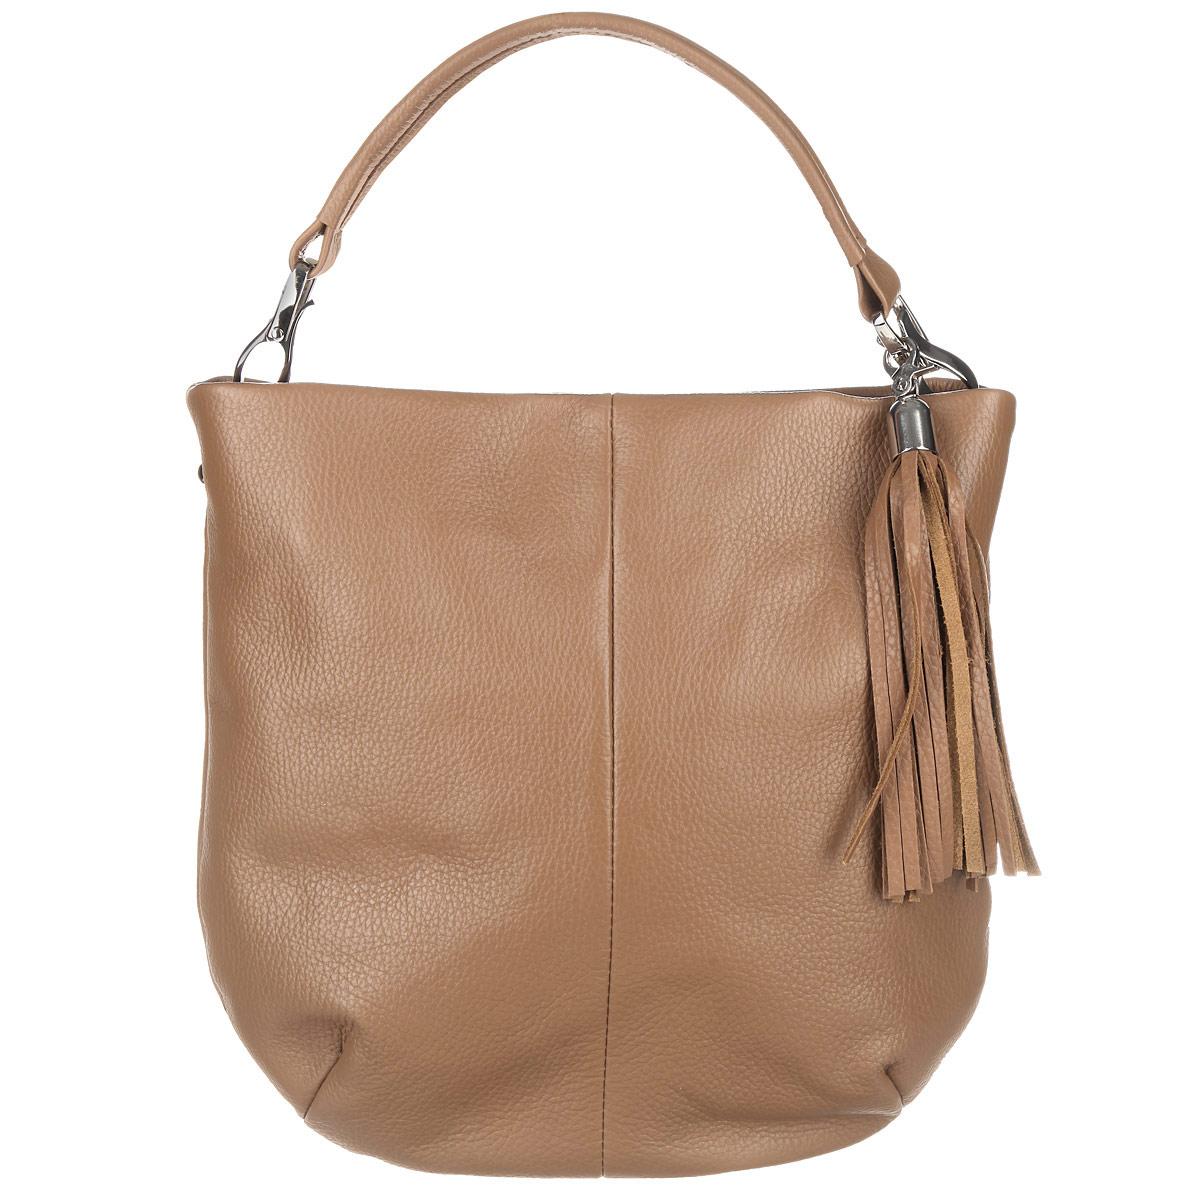 Сумка женская Afina, цвет: кэмел. 863863Изысканная женская сумка Afina выполнена из мягкой натуральной кожи. Превосходно подойдёт к повседневным образам. Сумка закрывается на пластиковую застежку-молнию. Внутри - большое отделение, небольшой врезной кармашек на застежке-молнии и два накладных кармашка для телефона, мелочей. На внешней оборотной стороне - дополнительный врезной карман на застежке-молнии. Сумка оснащена отстегивающейся ручкой для ношения в руке или на локтевом сгибе. В комплекте съемный плечевой ремень регулируемой длины и декоративный брелок, который также можно снимать или перемещать на другую сторону сумки. Роскошная сумка внесет элегантные нотки в ваш образ и подчеркнет ваше отменное чувство стиля.